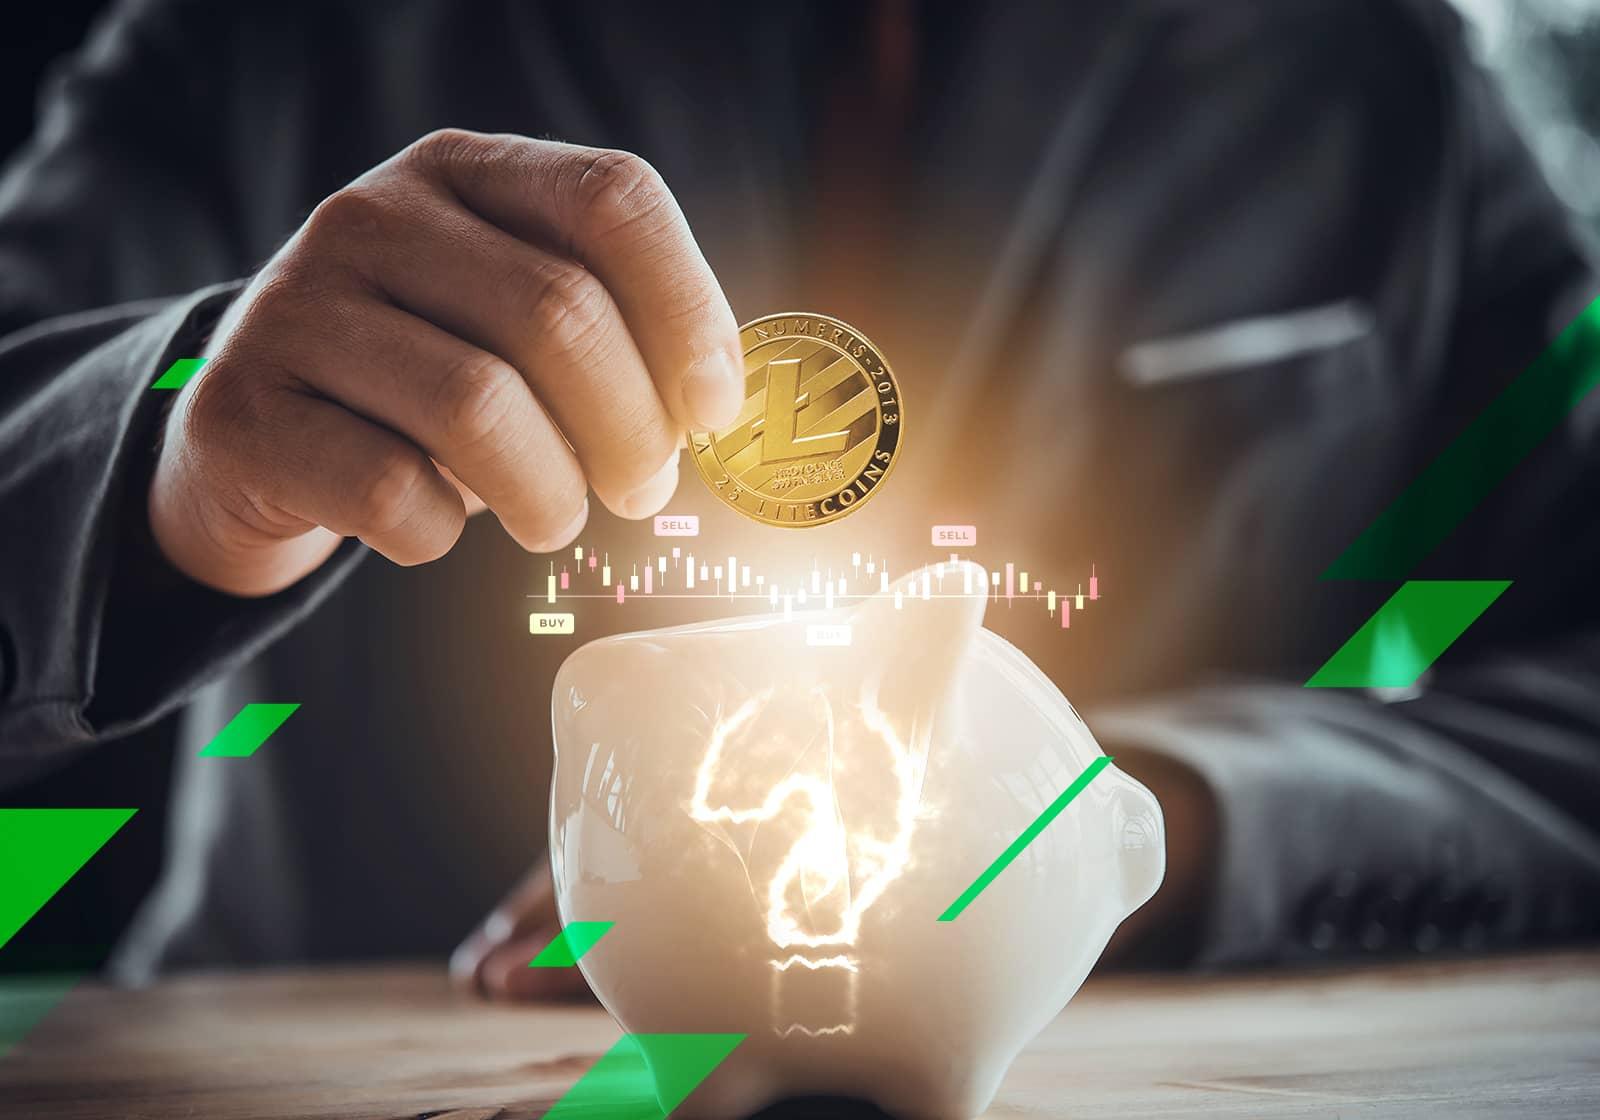 Đồng tiền ảo Litecoin và những điều cần biết - Tín dụng